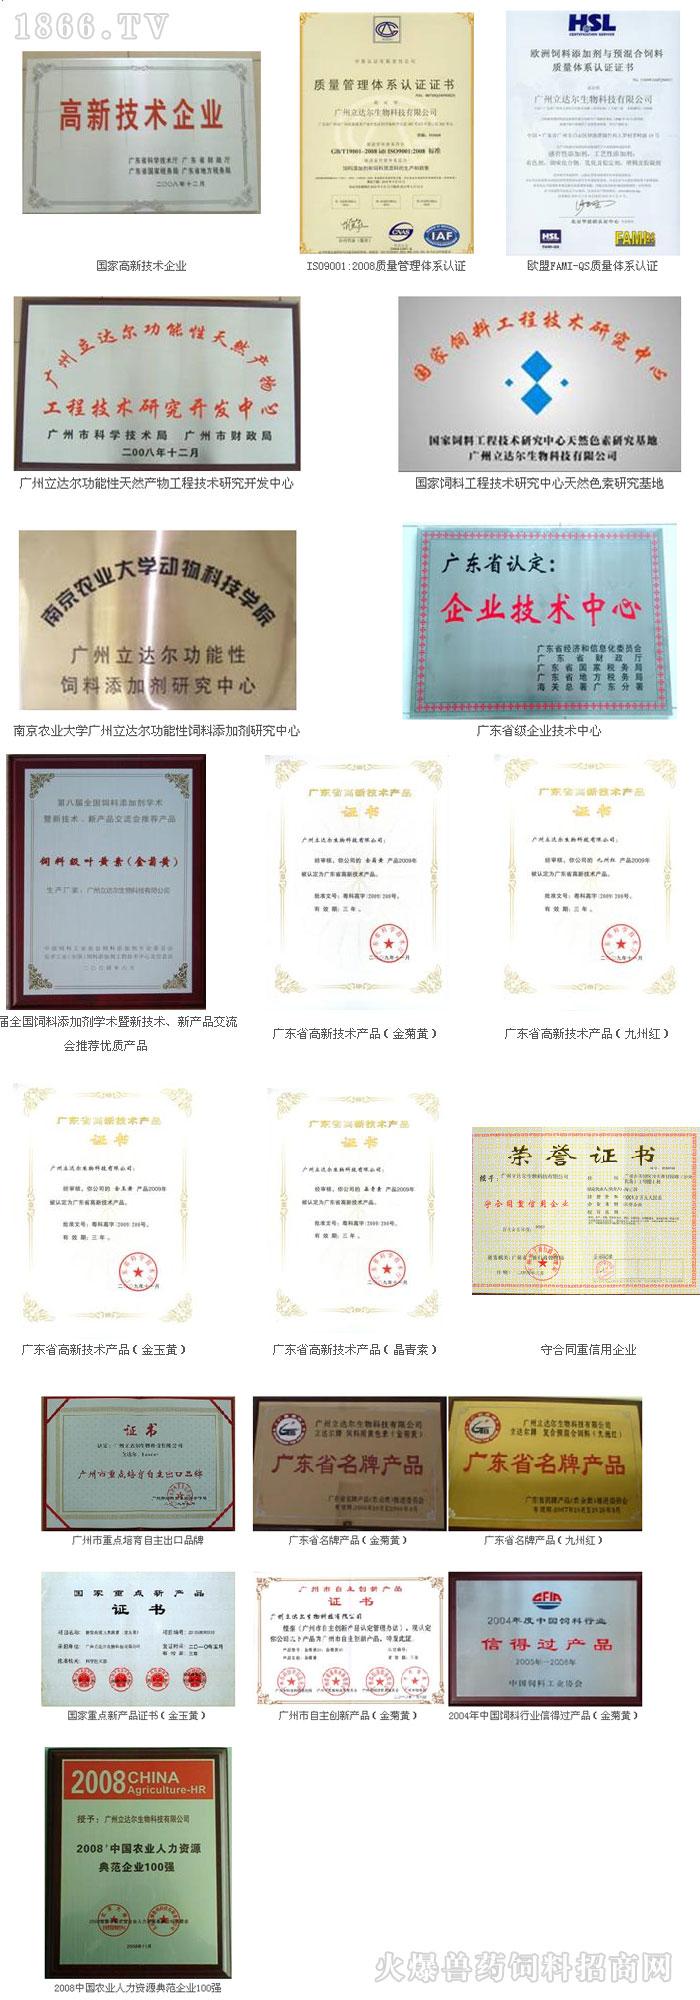 广州立达尔生物科技股份有限公司